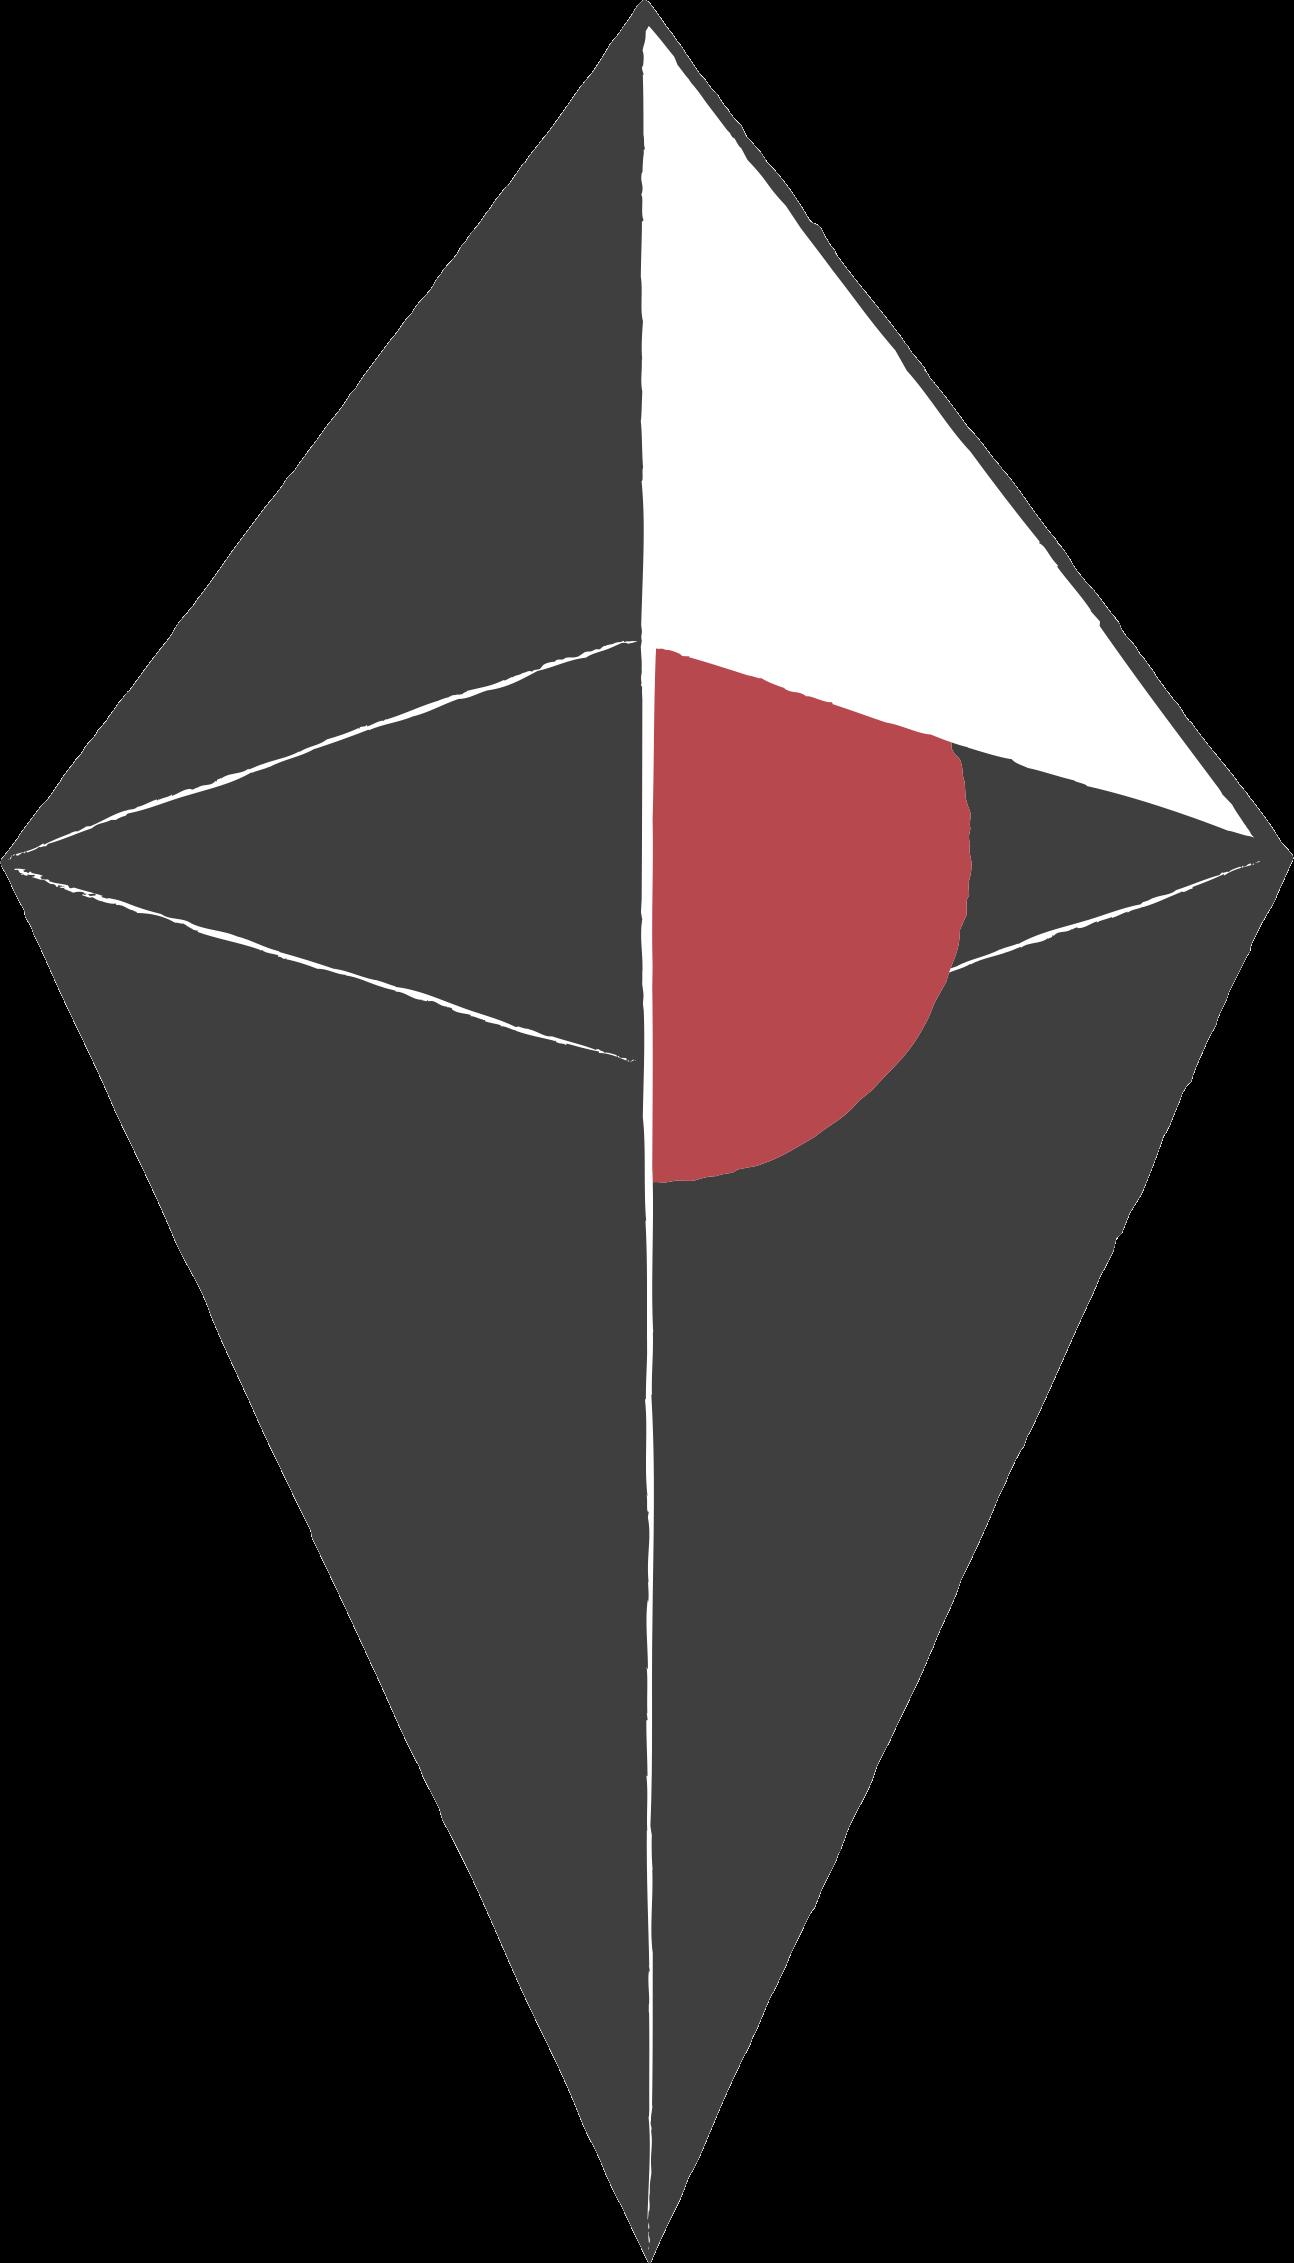 logo-nms